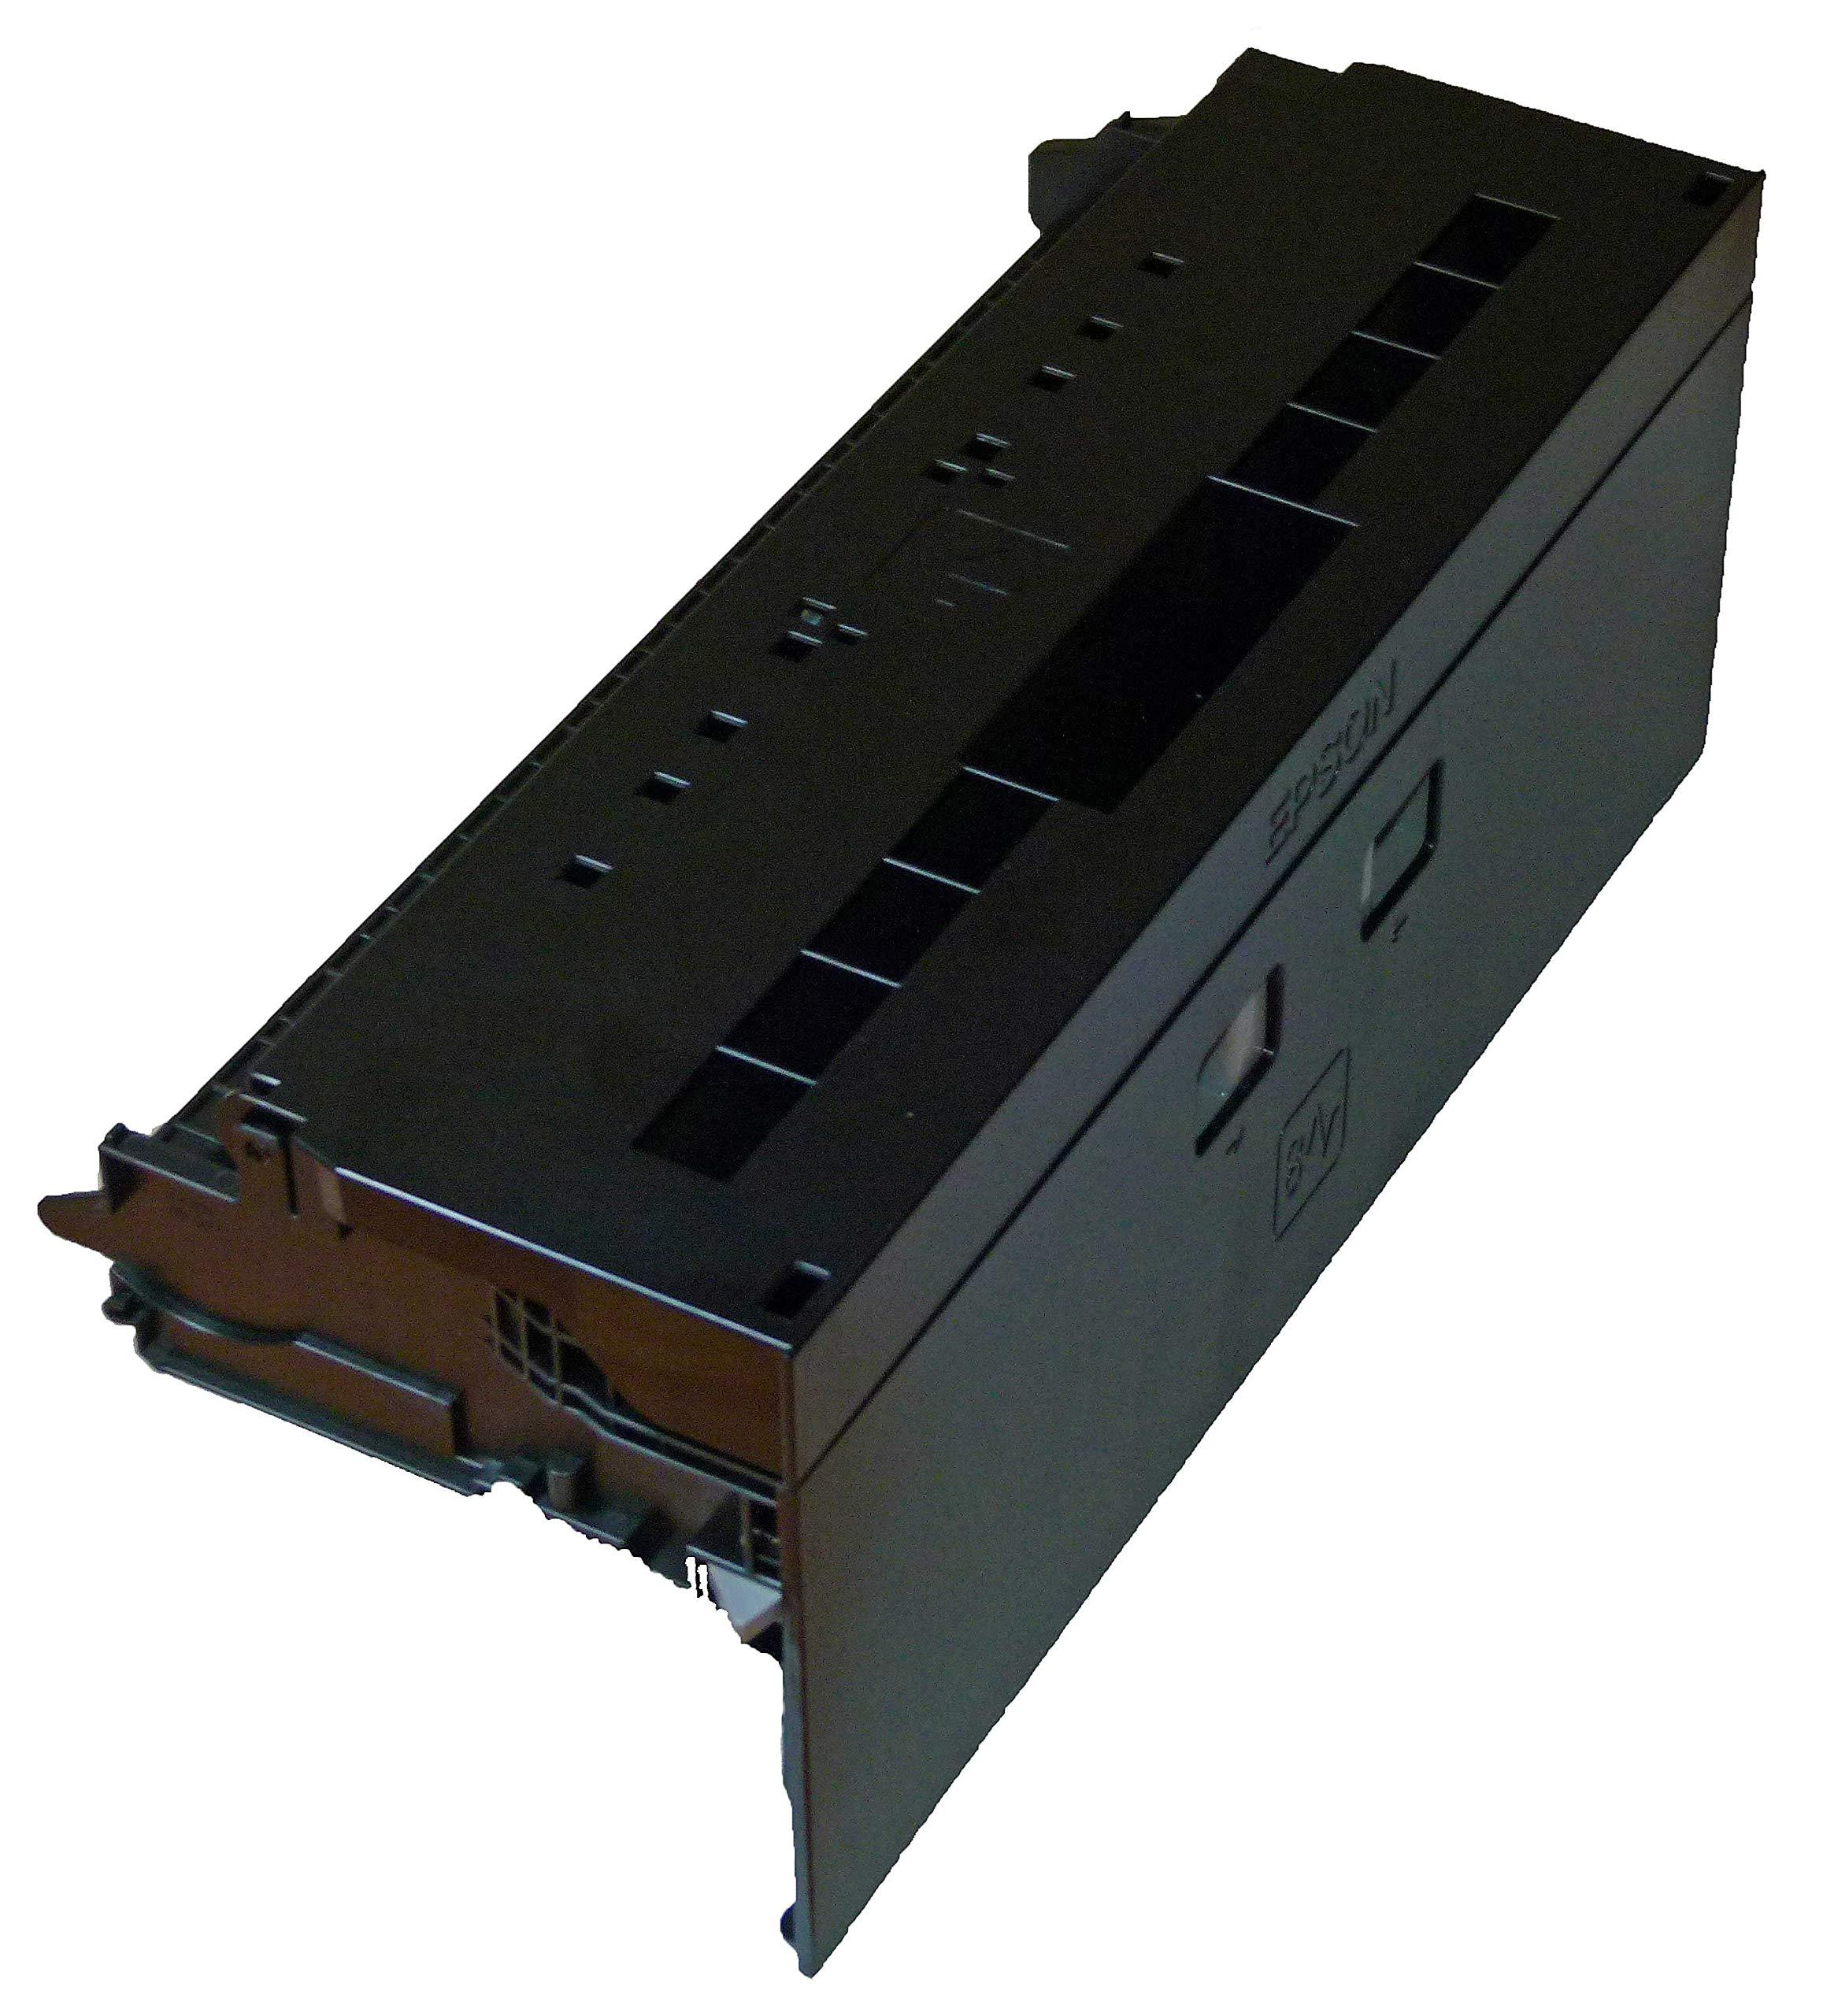 Epson Duplexer Duplex Unit for Epson Workforce WF-7010, Workforce WF-7011, Workforce WF-7012 by Epson